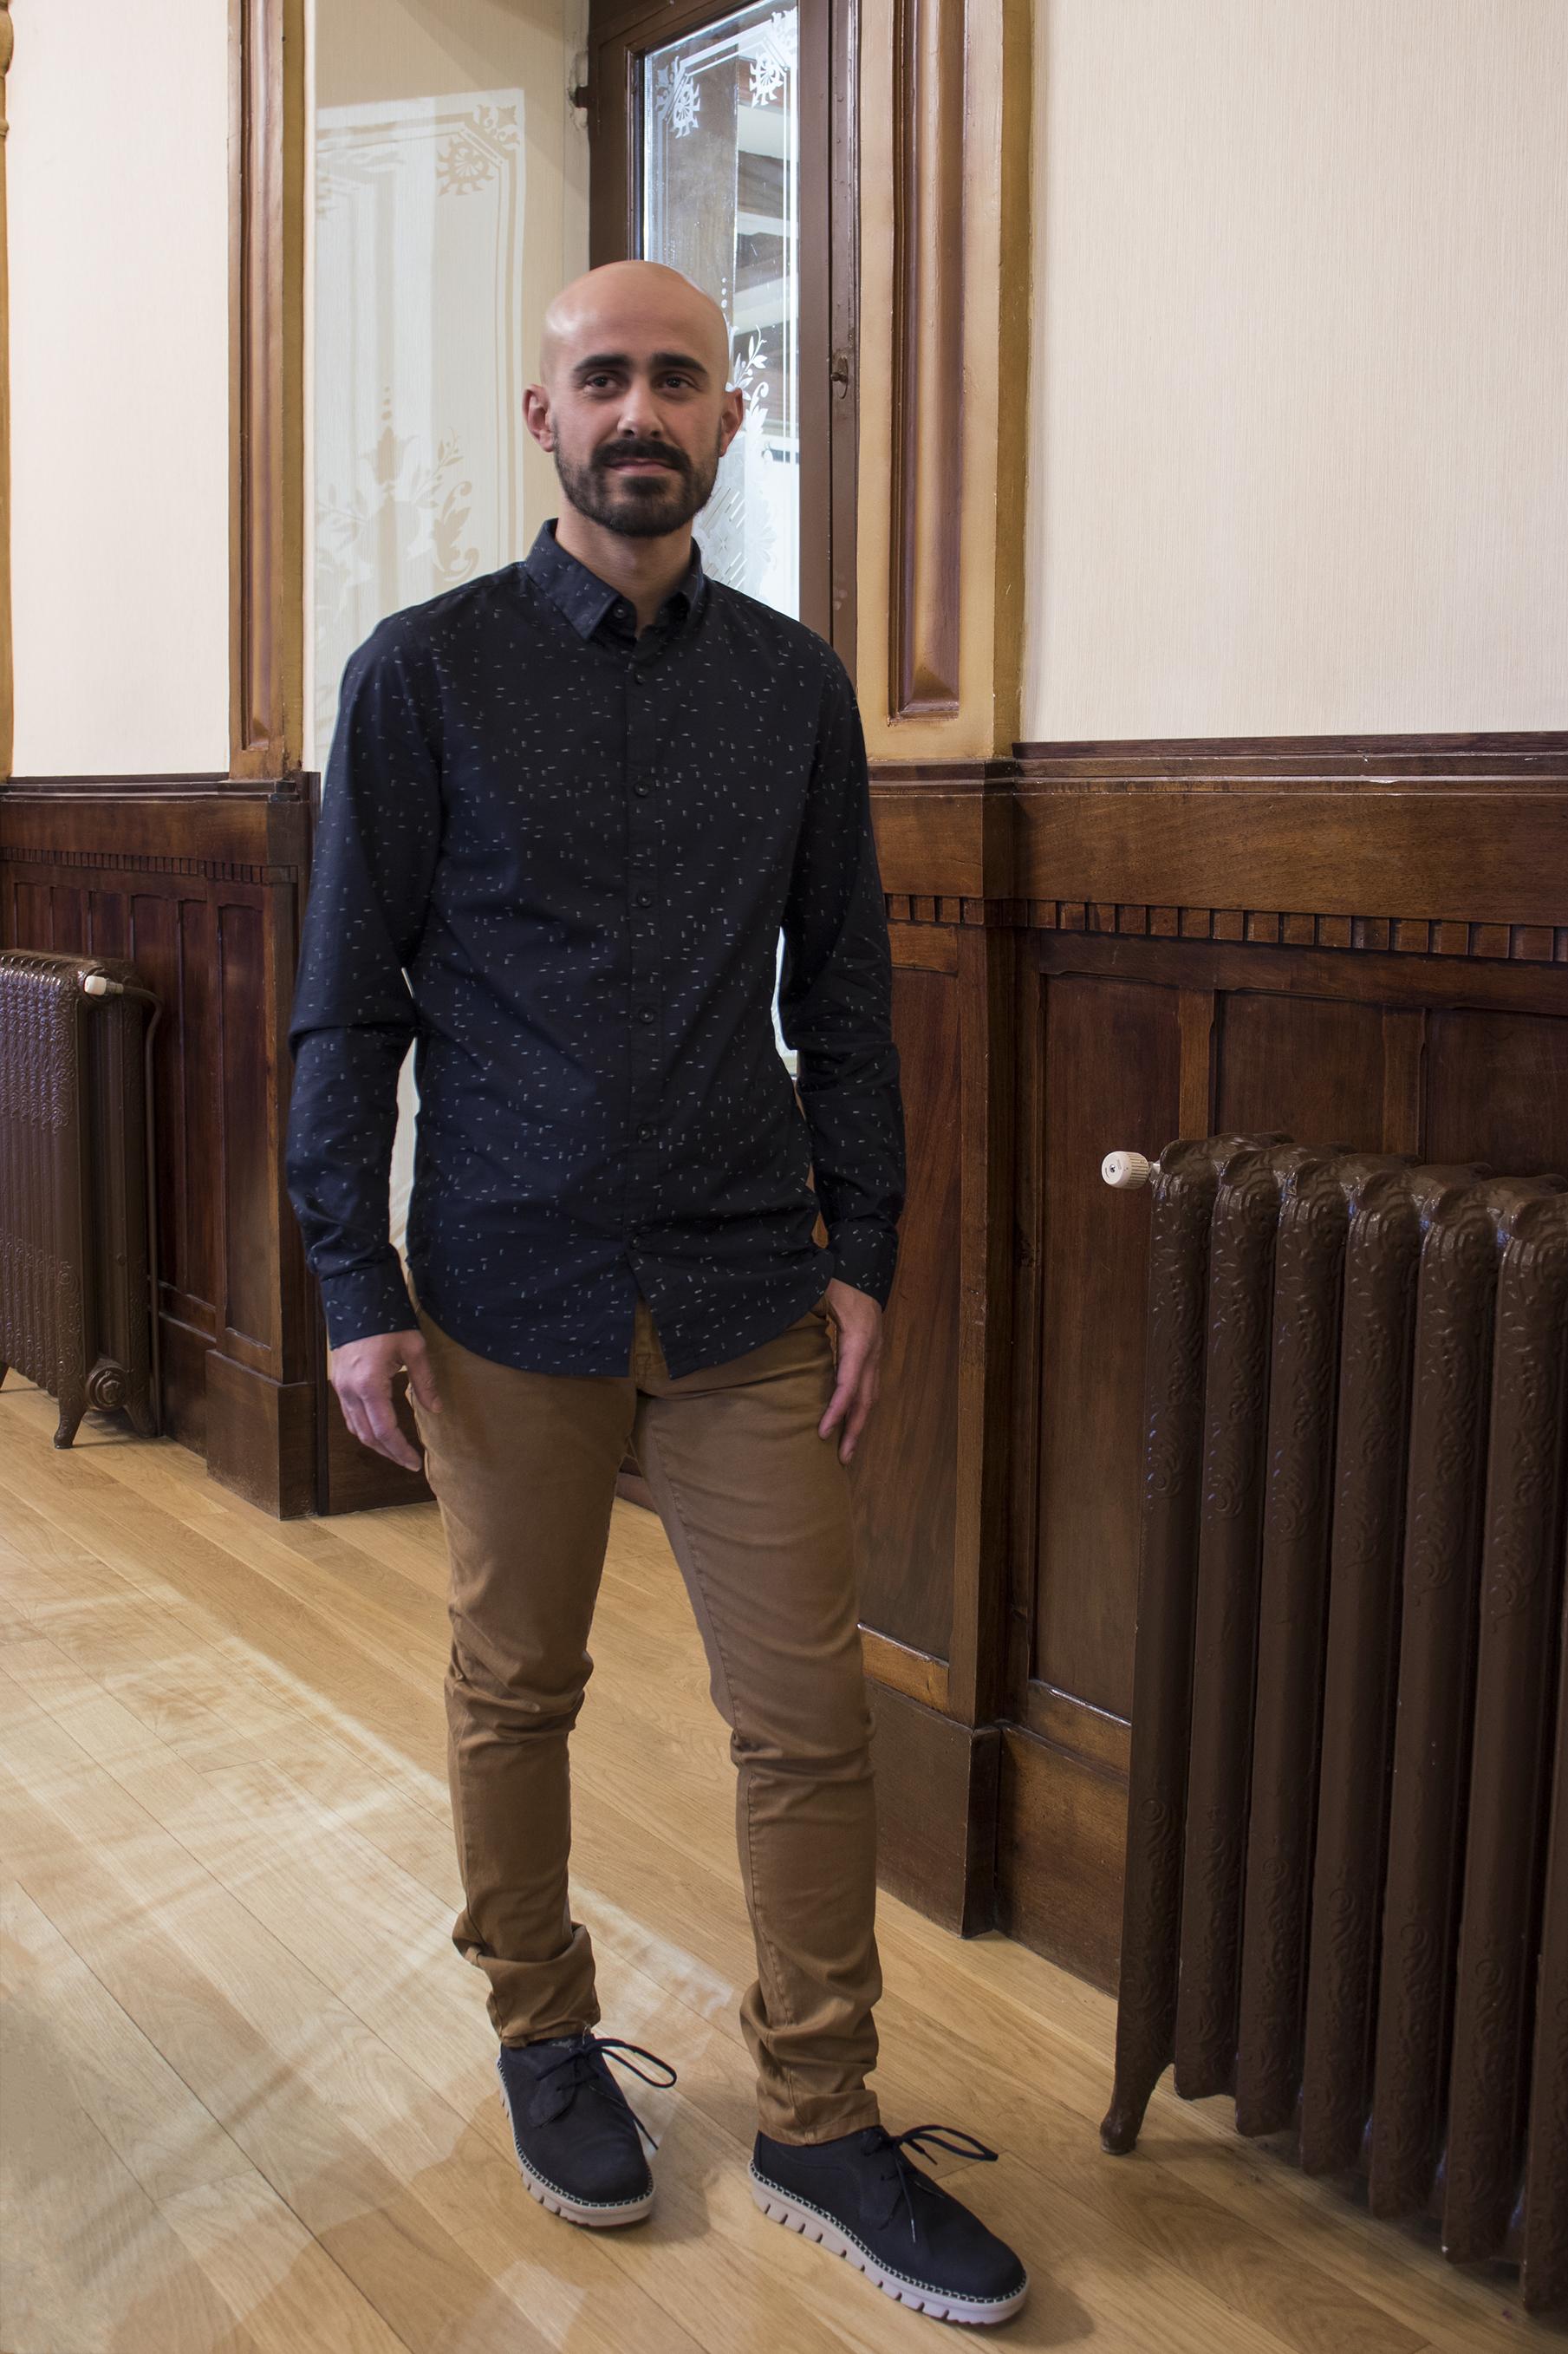 David look chino marron y camisa azul oscura - Regalos para el día del padre 2018 Ourense